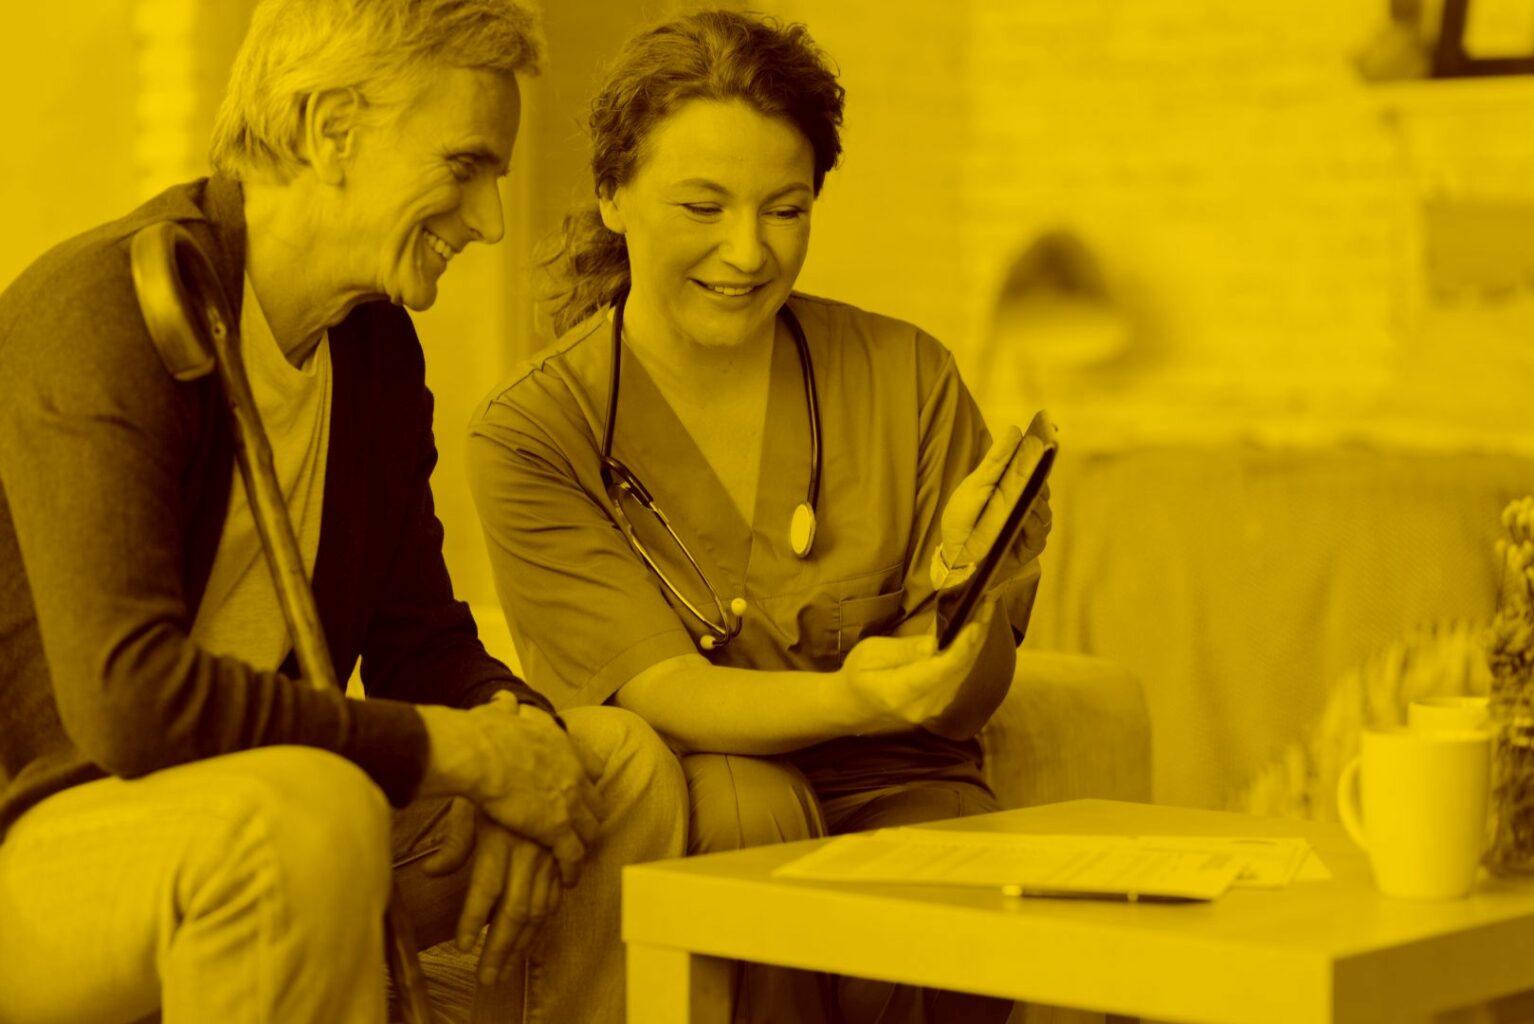 pflegerin-zeigt- senior-tablet-mit- easysoft-in- der- maja.cloud